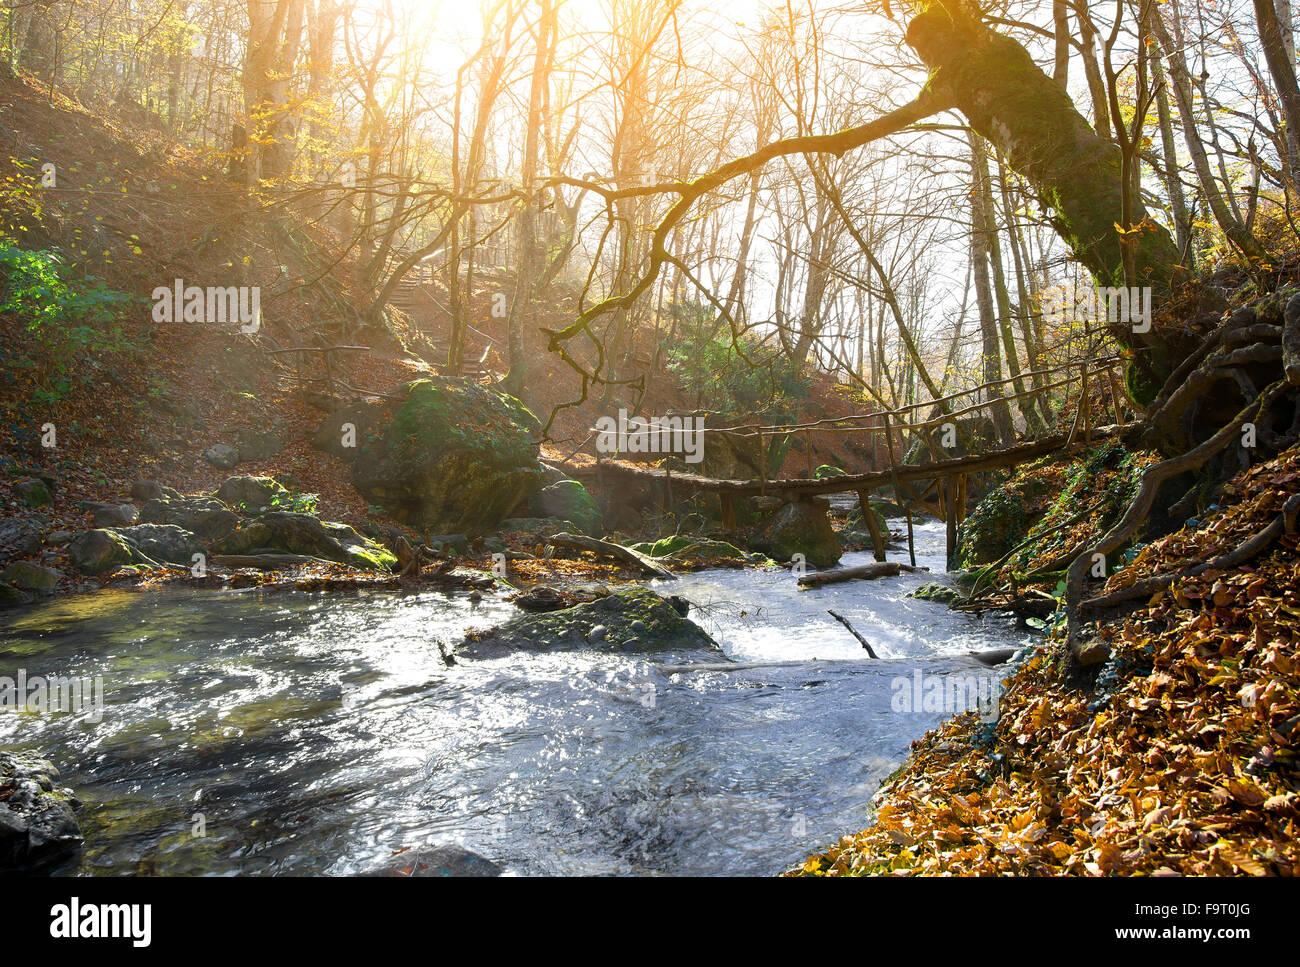 Pont en bois et de la rivière de montagne en automne Photo Stock